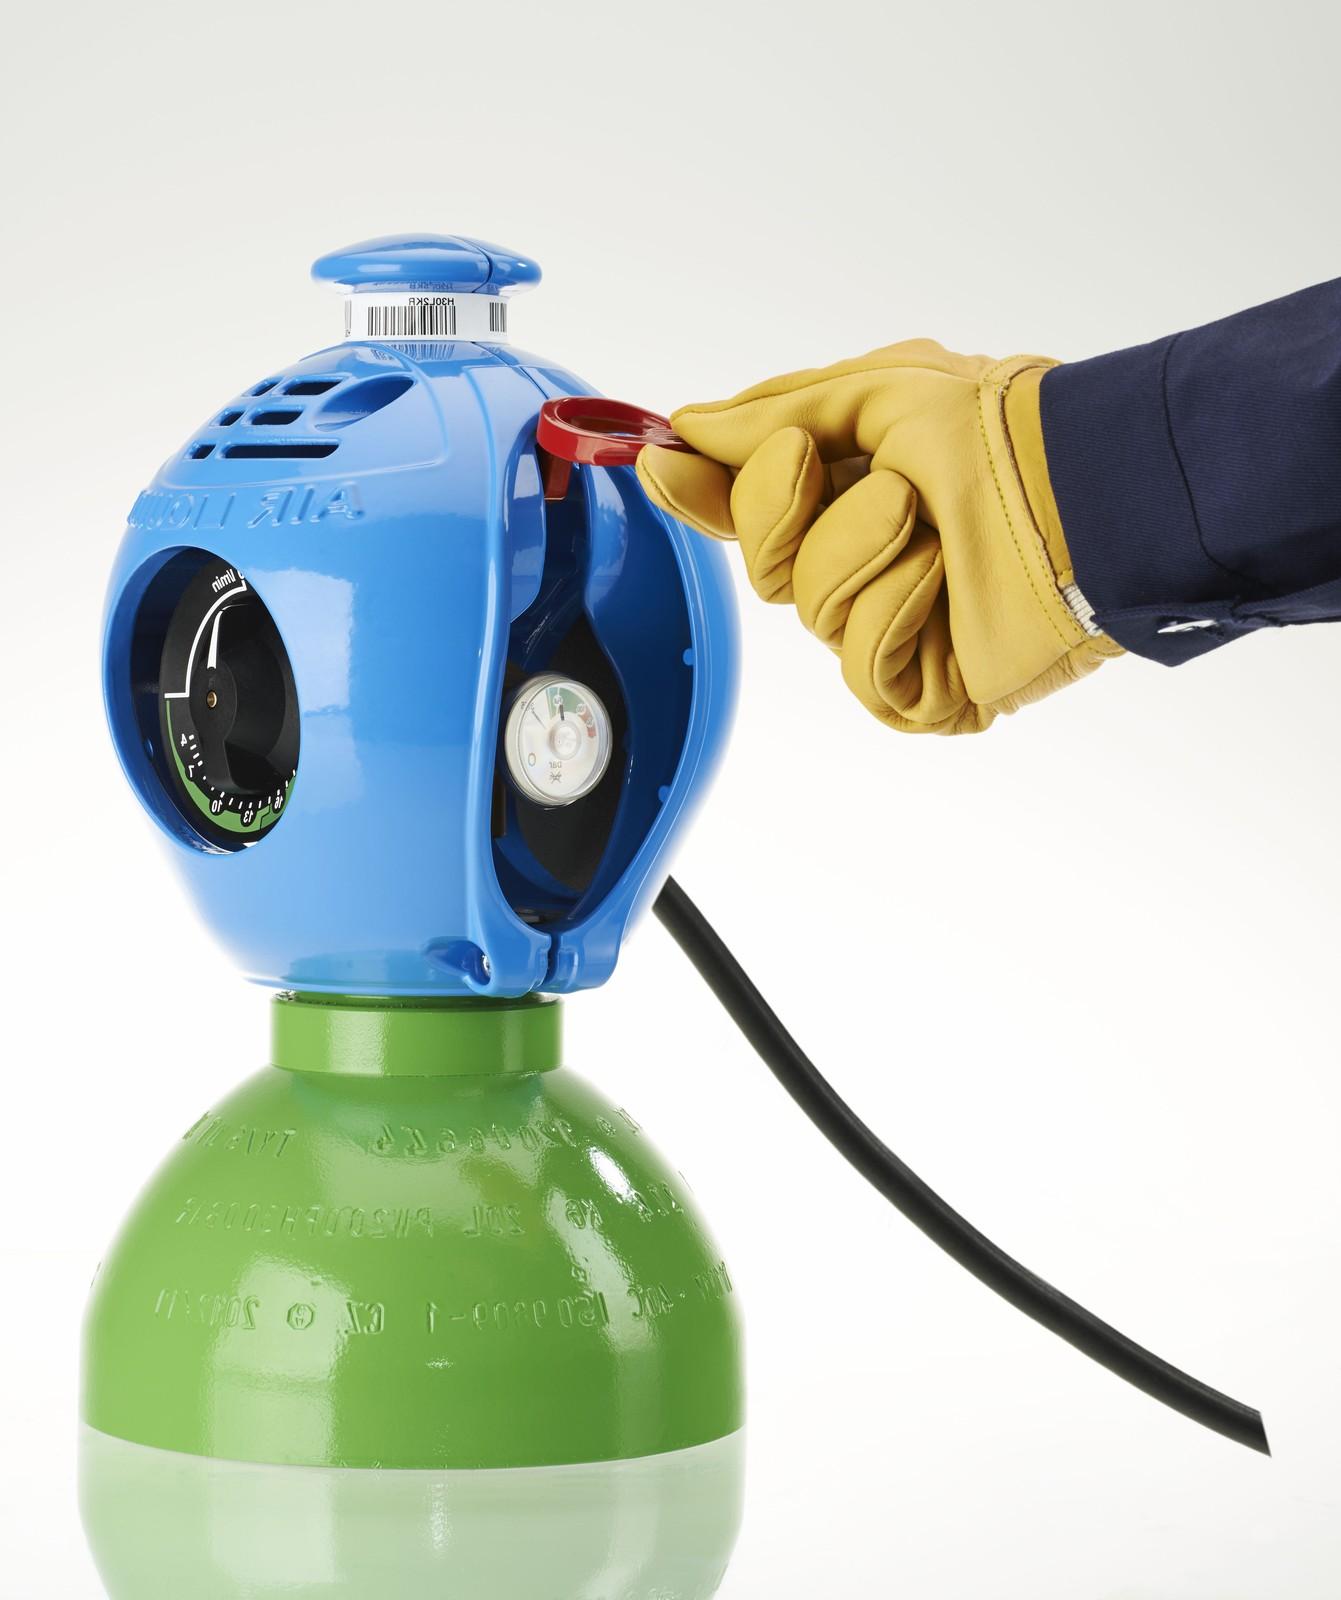 """Innovative Flaschenköpfe wie """"Exeltop TM kompakt"""" haben die notwendigen Instrumente wie Druckminderer bereits eingebaut."""